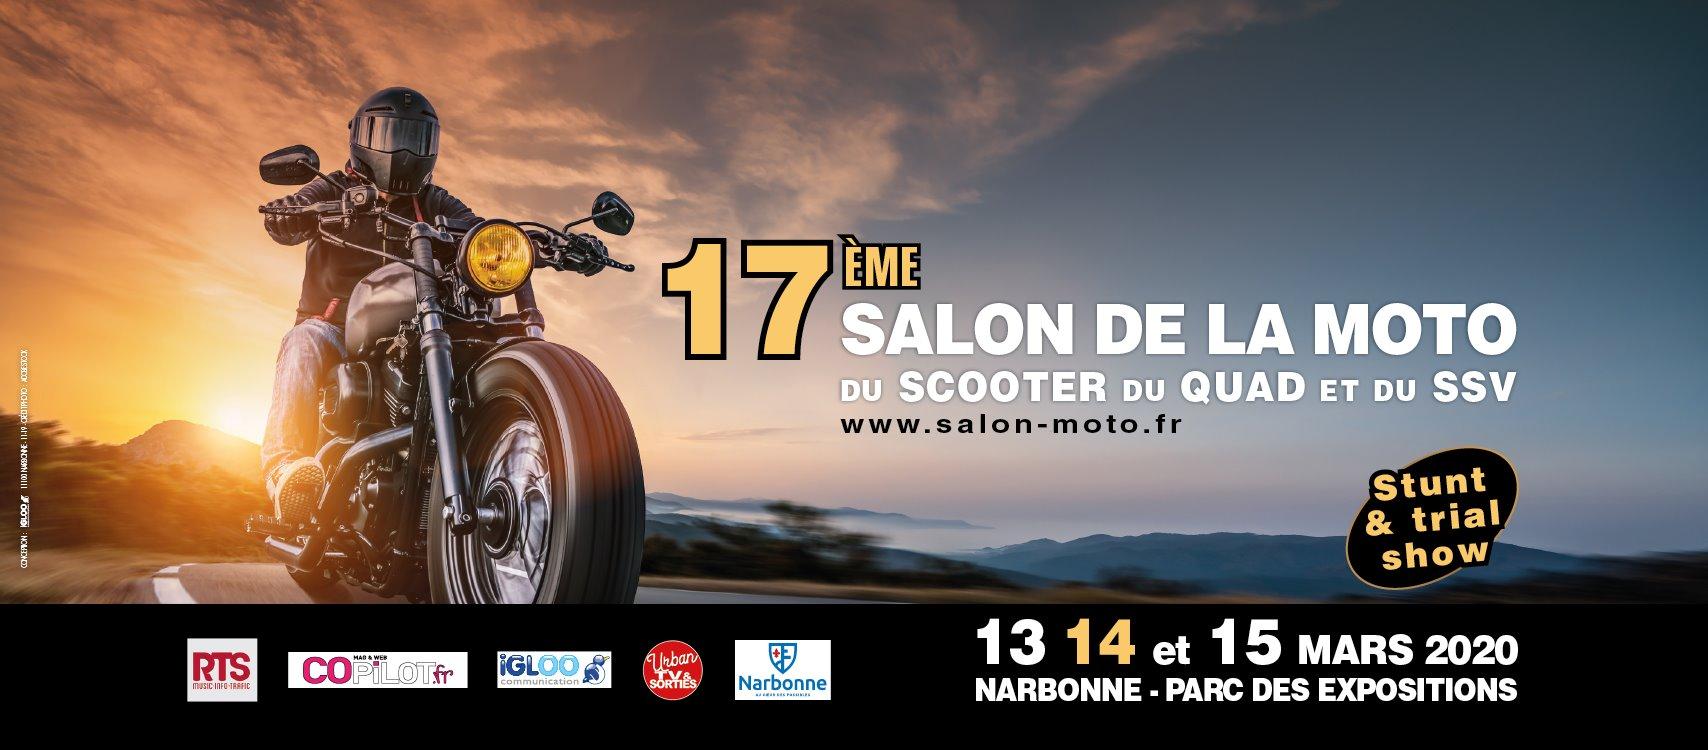 Salon de la moto de Narbonne